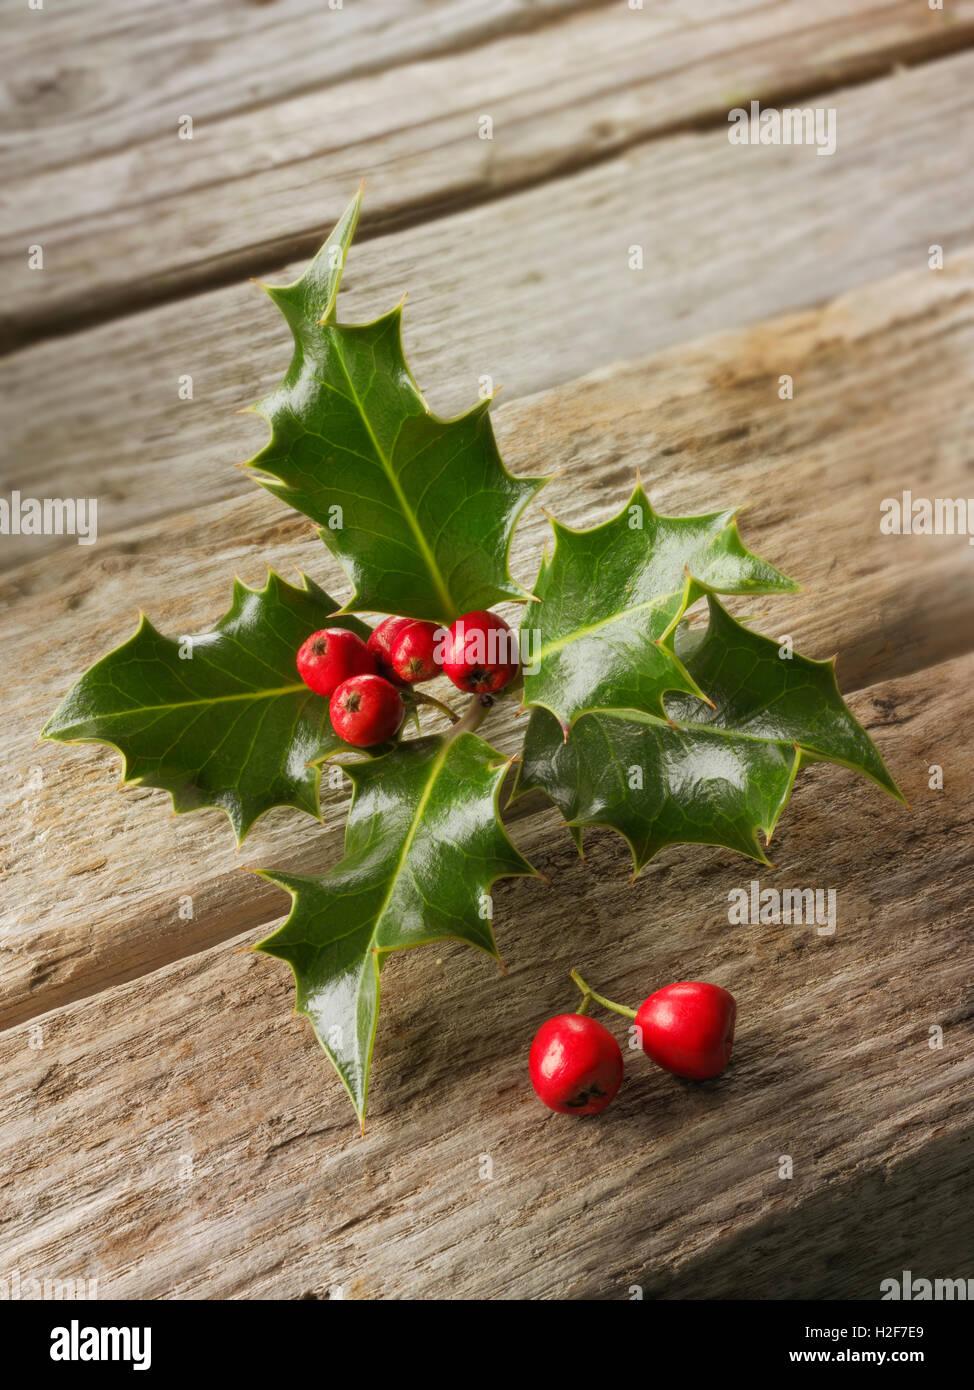 Festliche saisonale Holly Blätter mit roten Beeren - Ilex aquifolium Stockbild